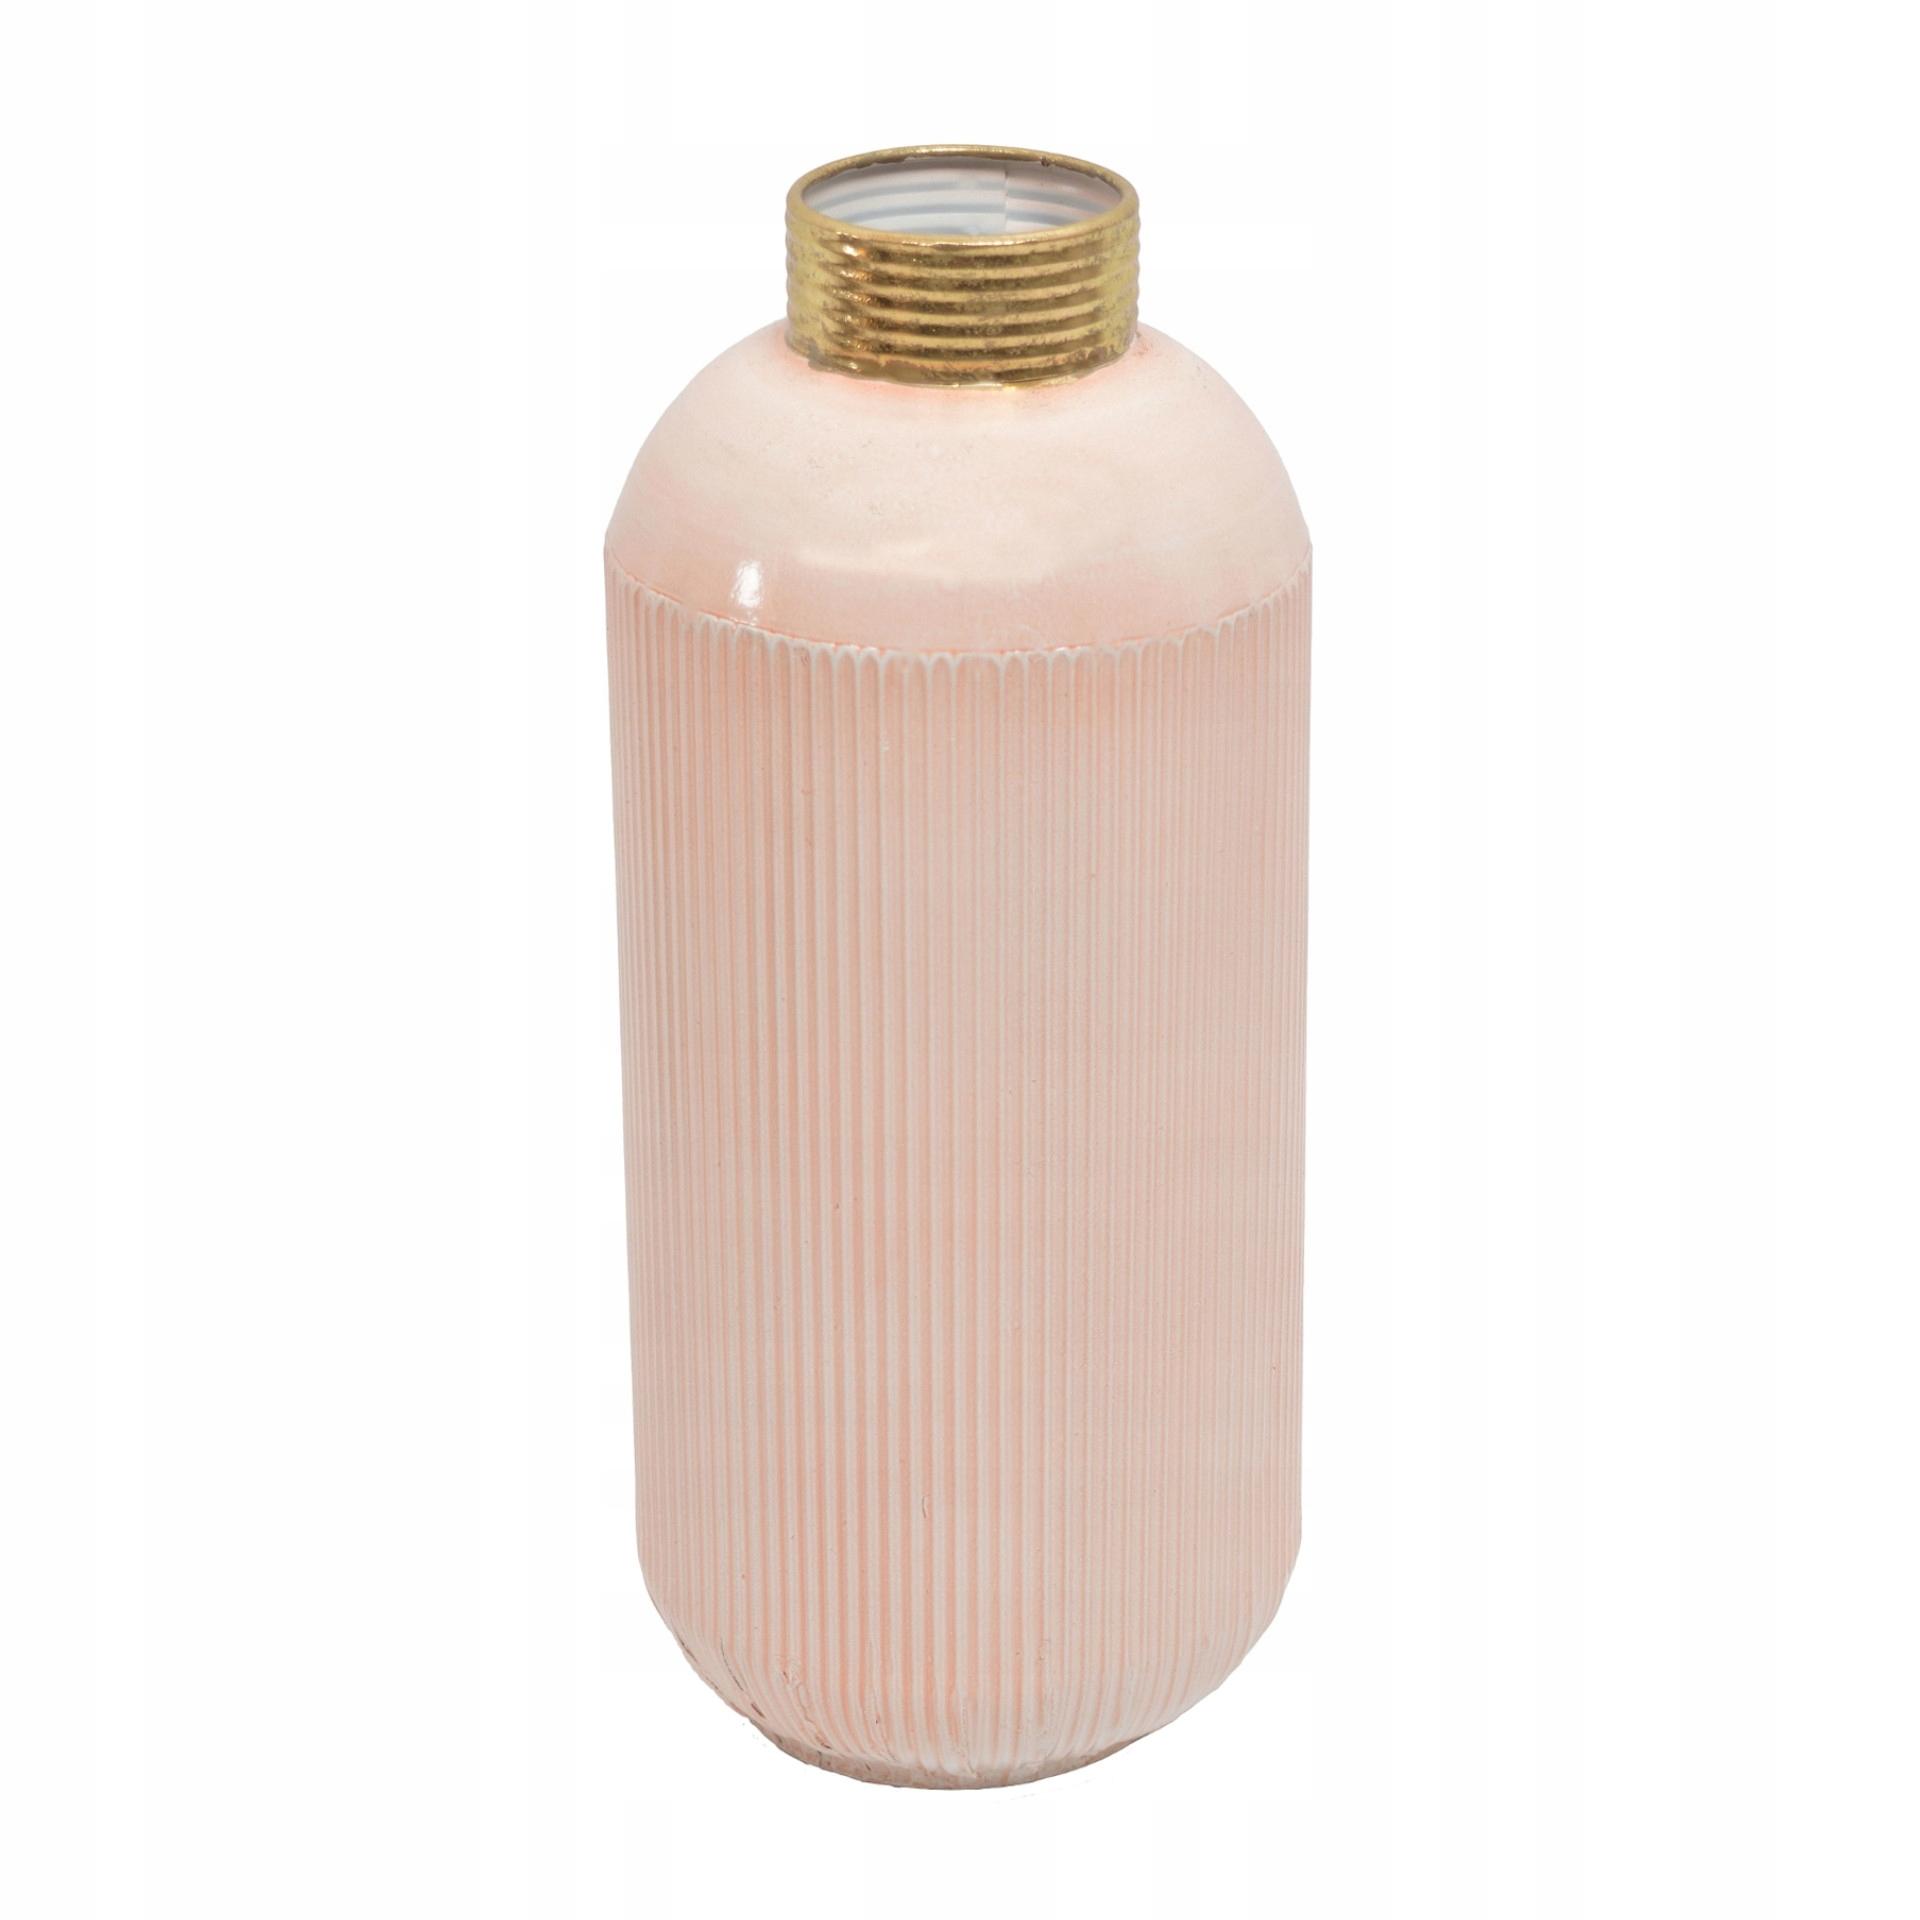 Ružová retro glamourová keramická váza Marko 36 cm